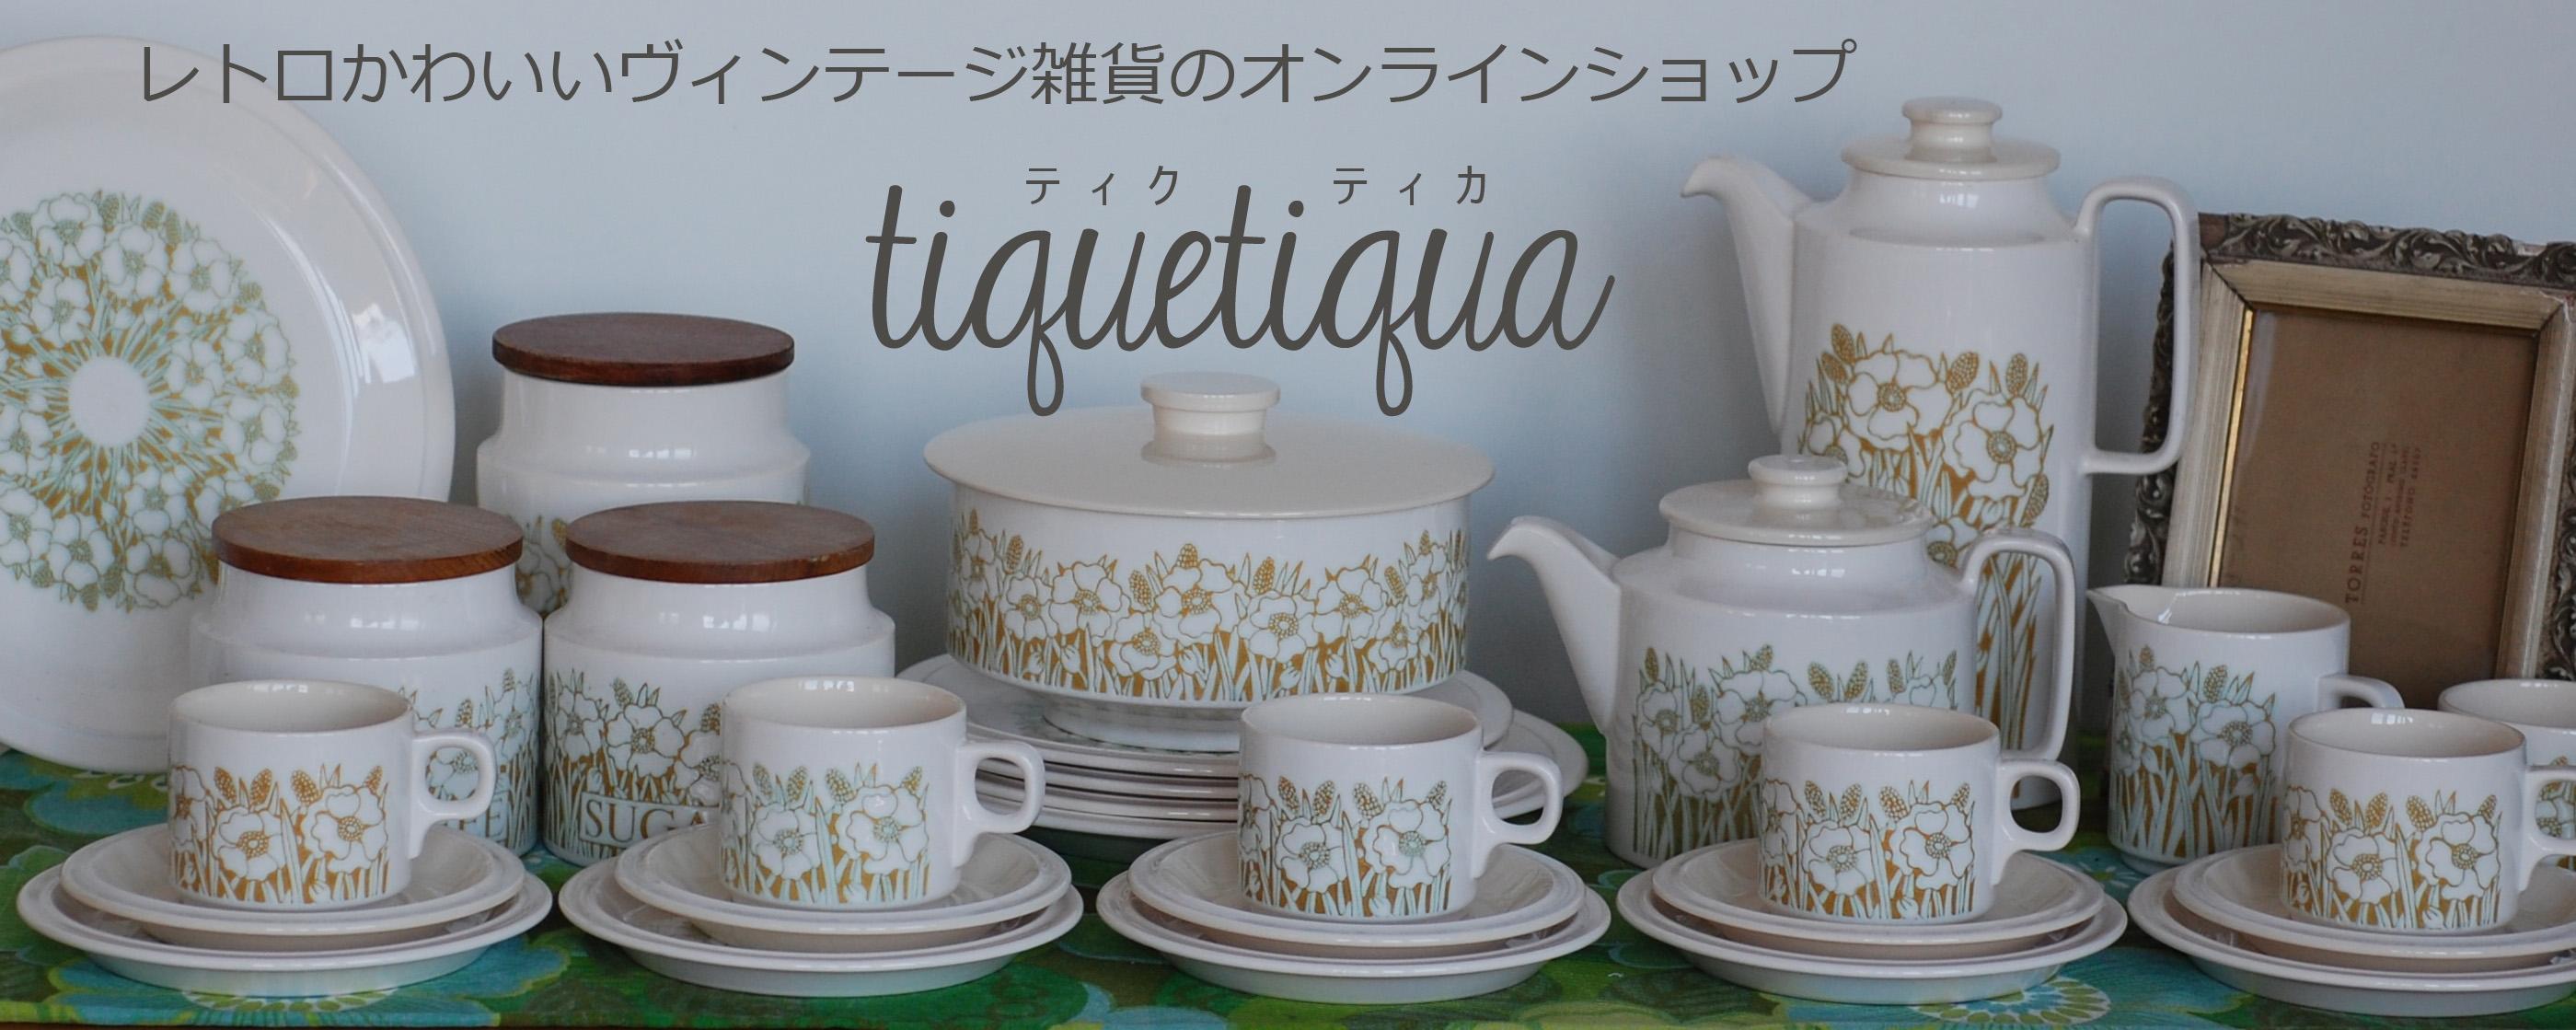 レトロかわいいヴィンテージ雑貨のオンラインショップ tiquetiqua